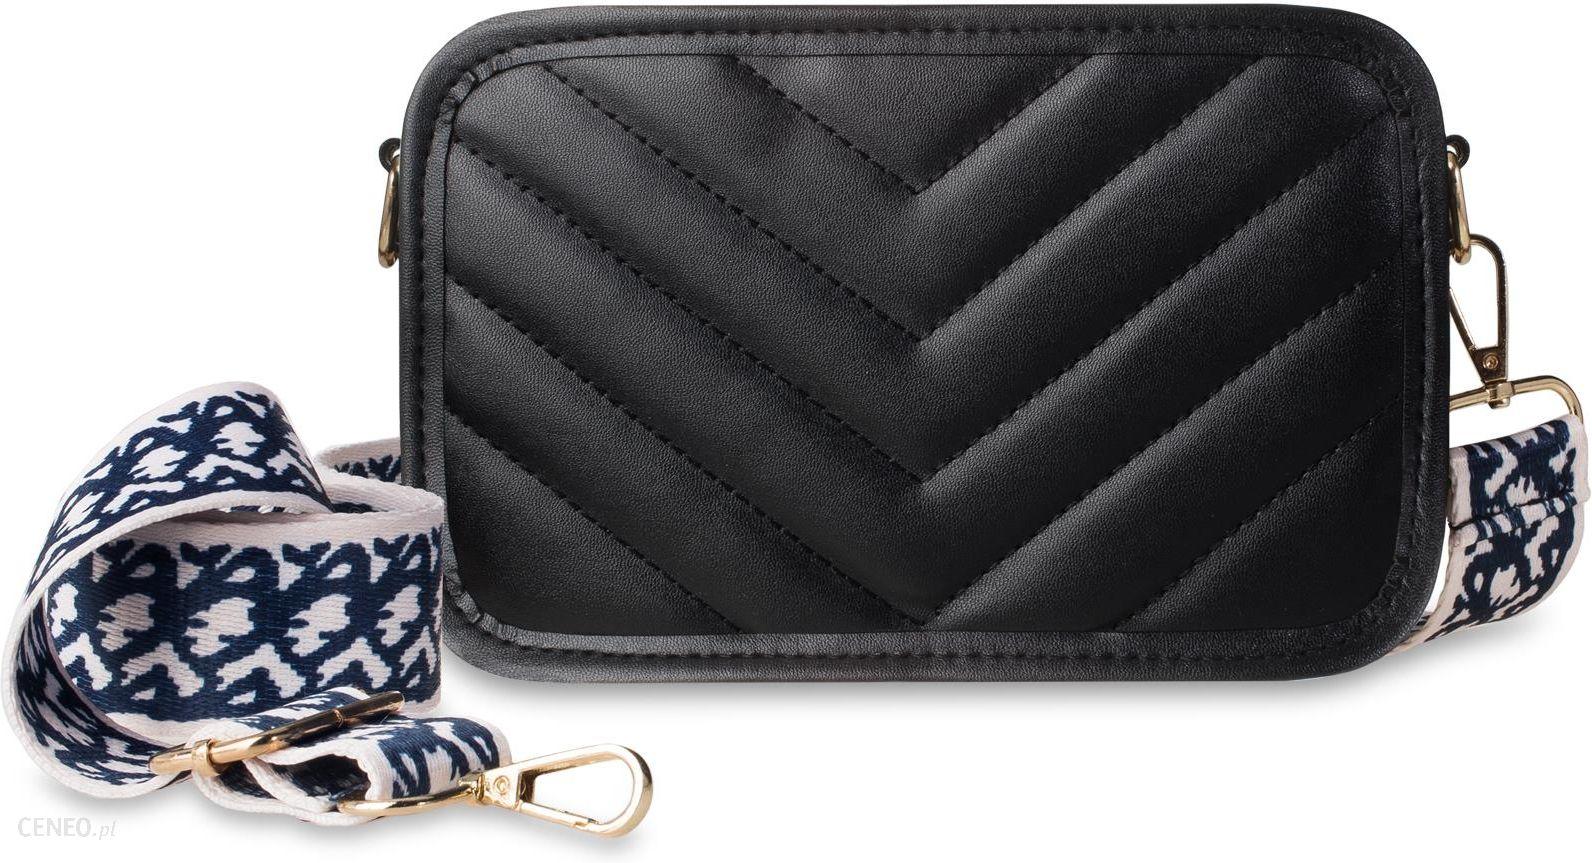 Mała torebka damska pikowana listonoszka na modnym szerokim pasku z fantazyjnym wzorem czarny